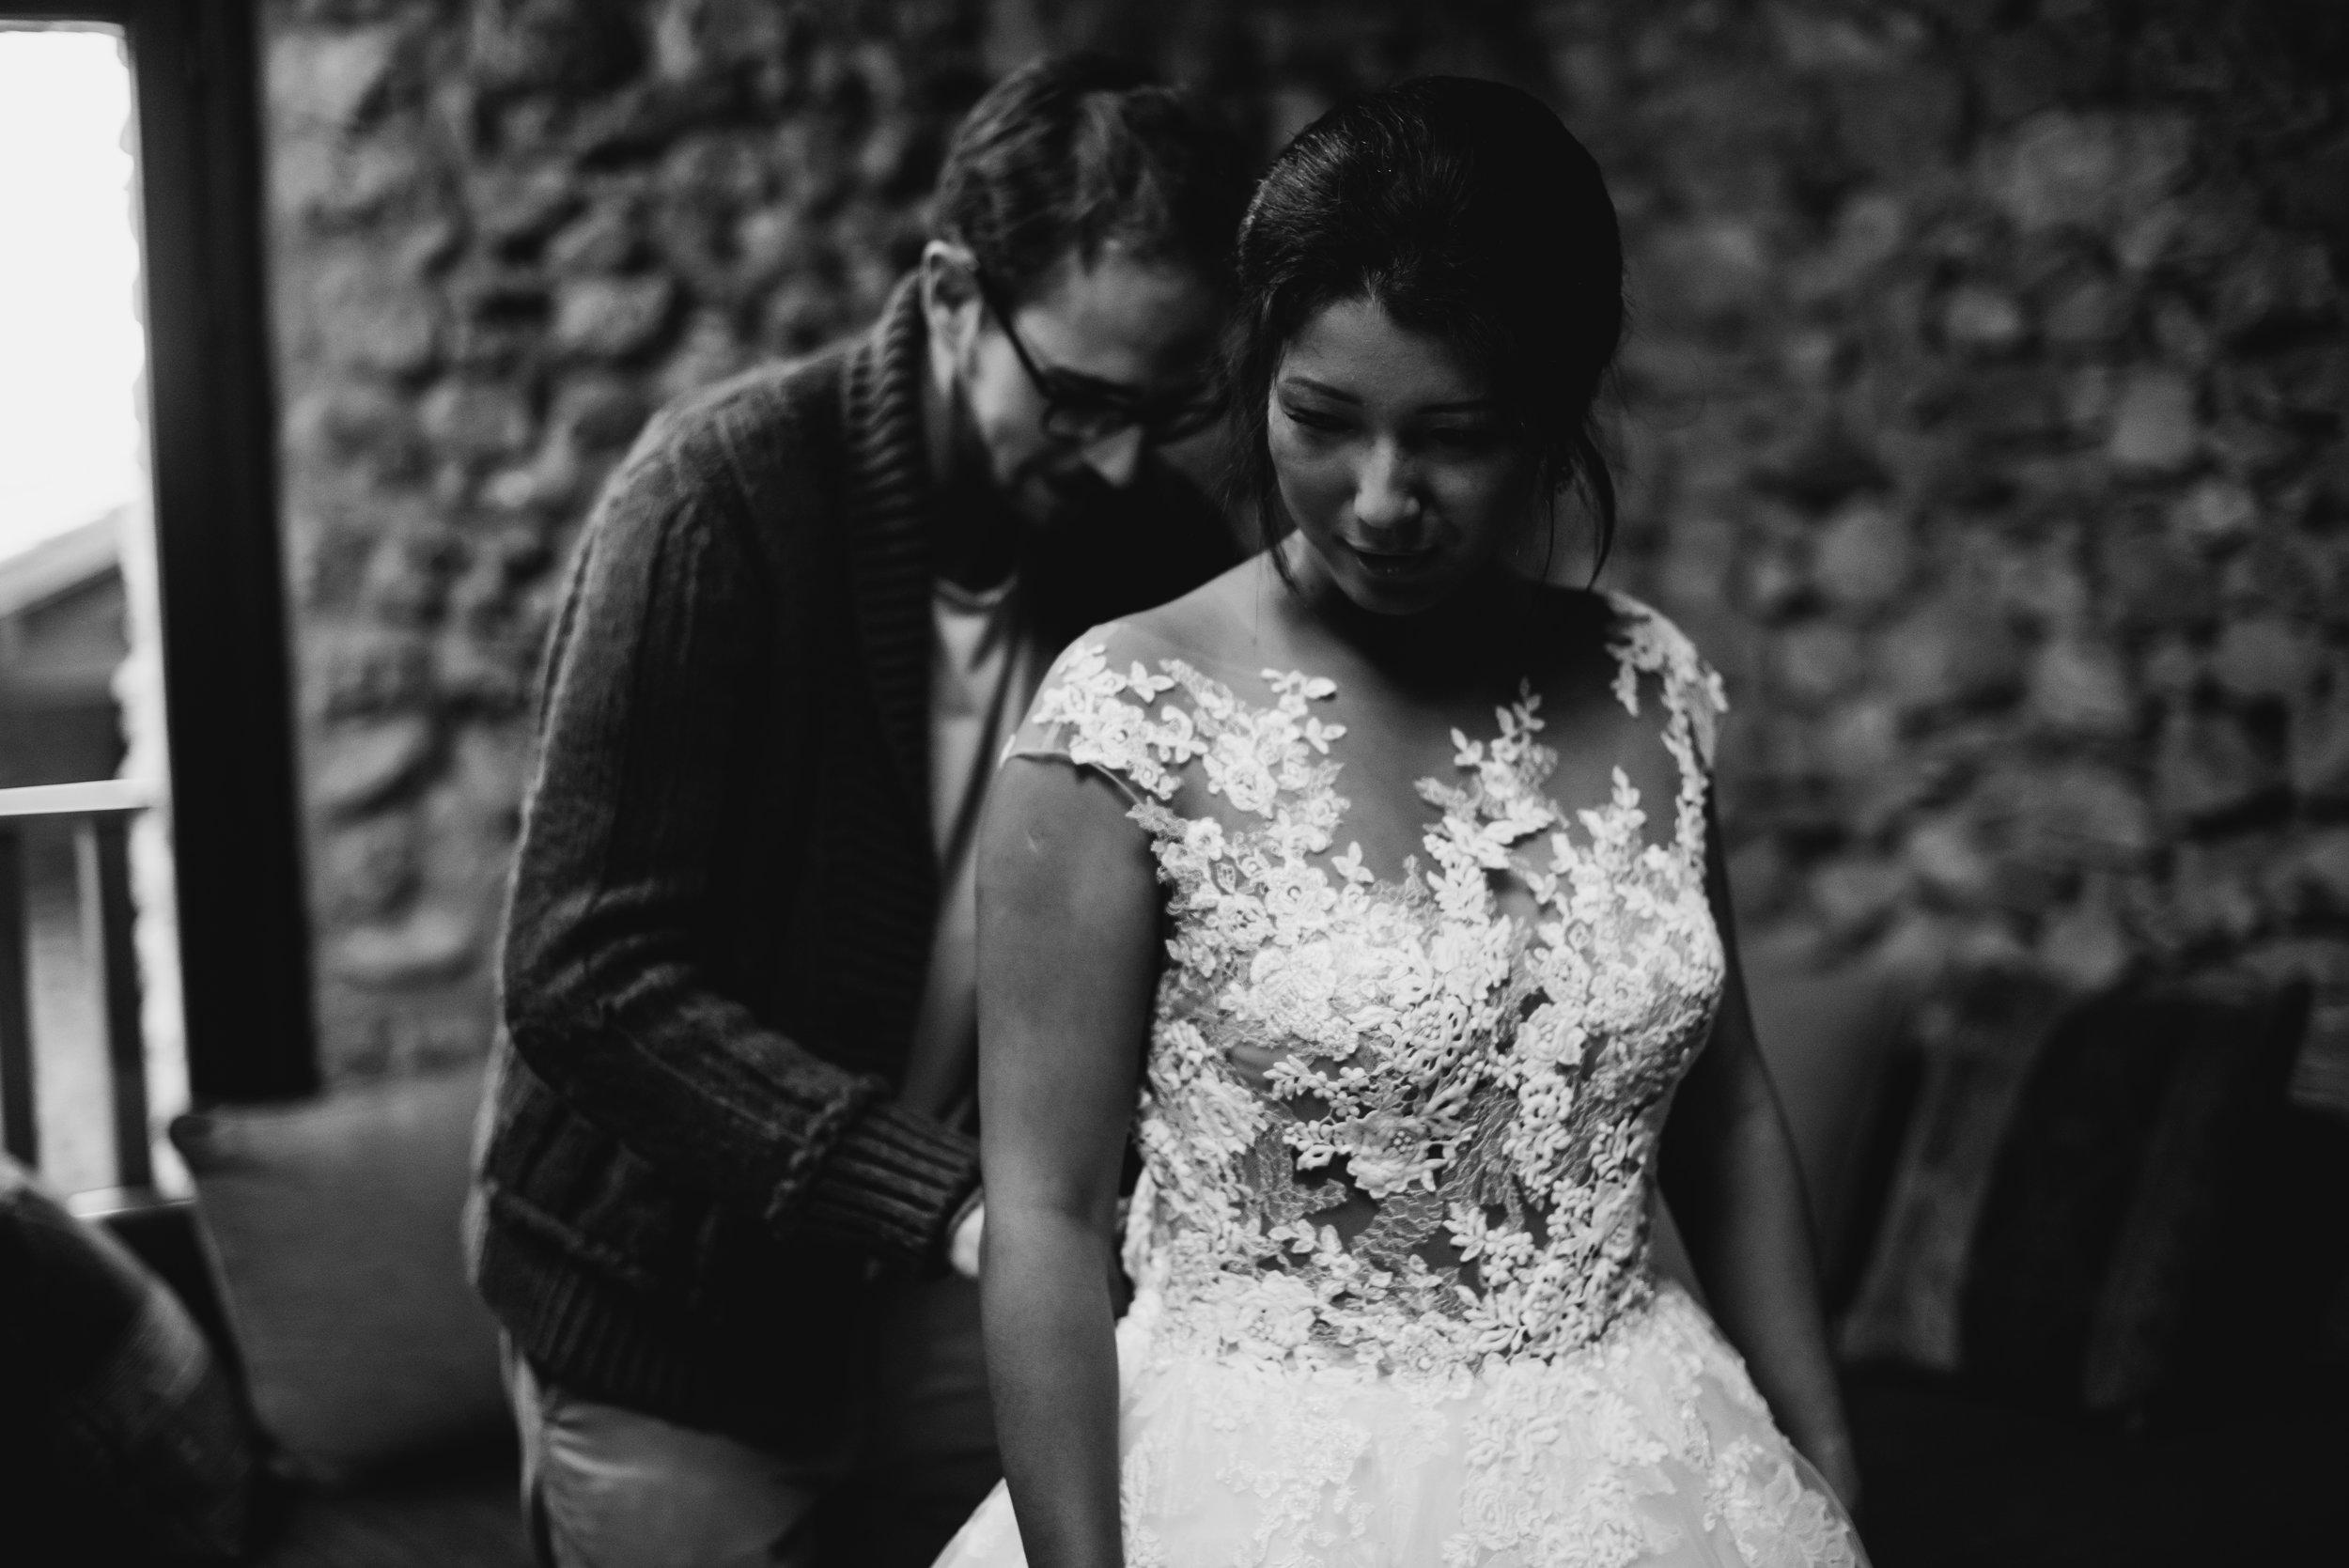 Léa-Fery-photographe-professionnel-lyon-rhone-alpes-portrait-creation-mariage-evenement-evenementiel-famille-6798.jpg